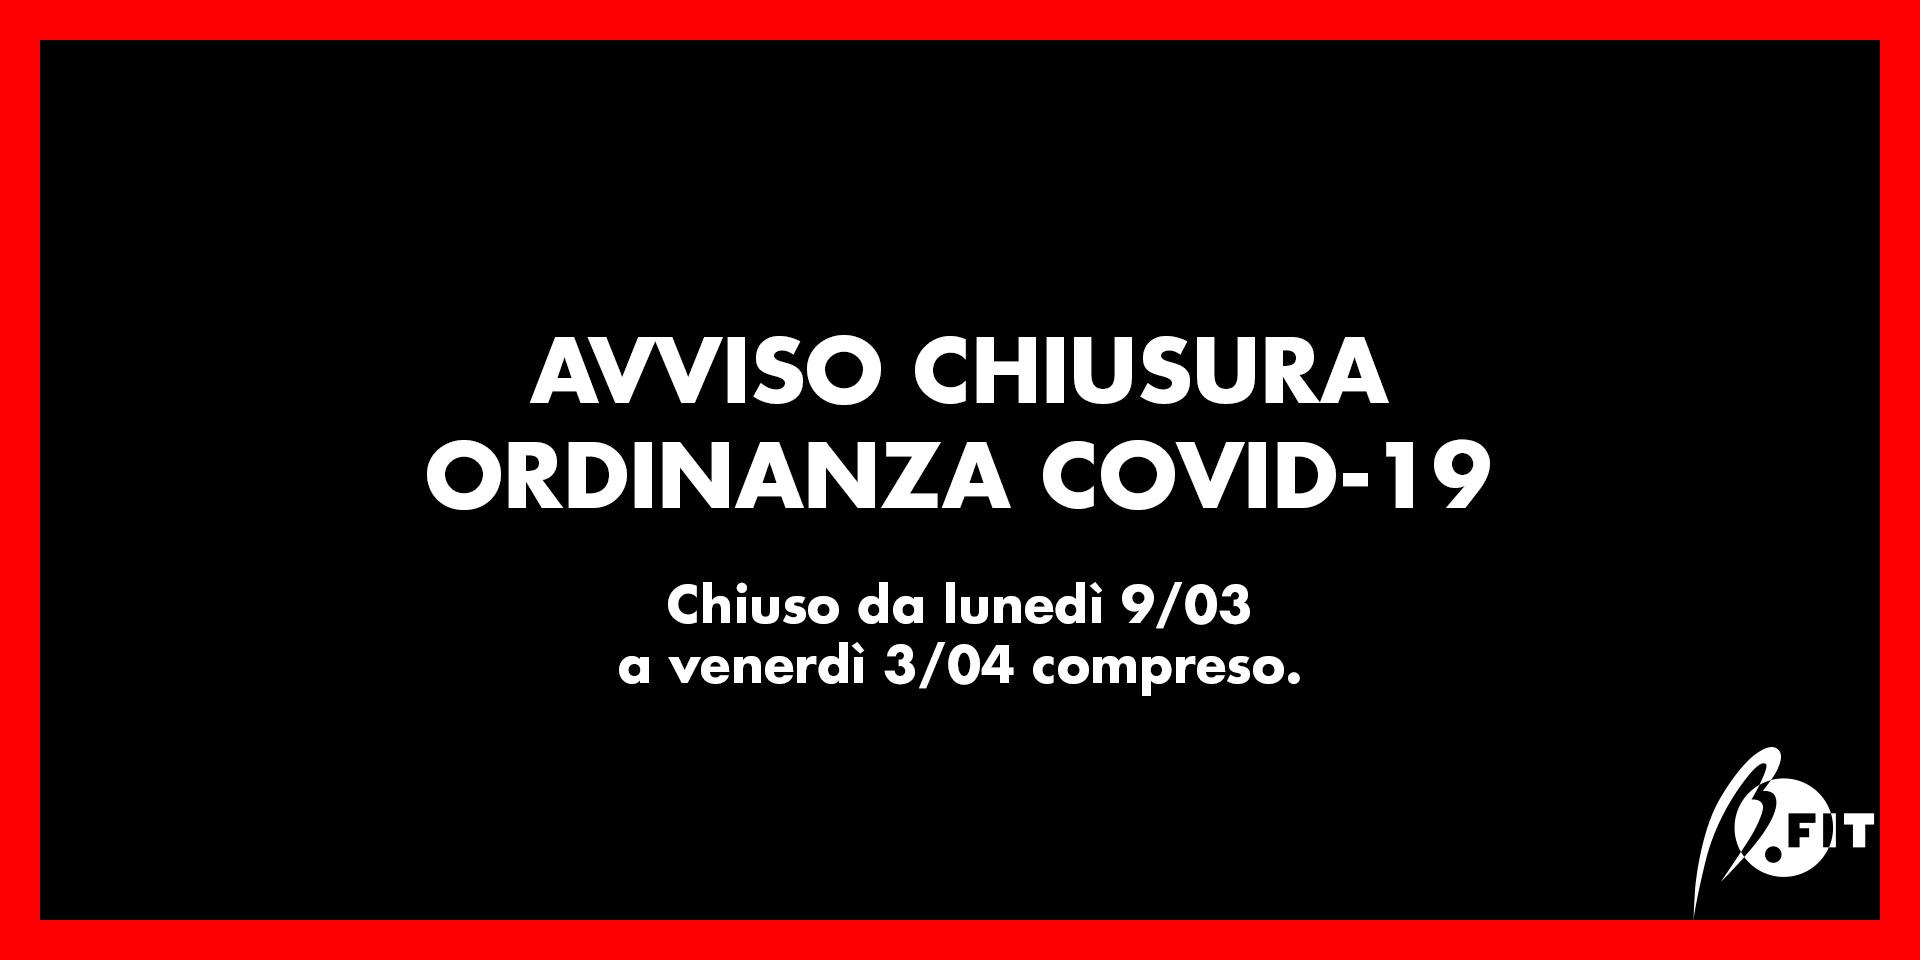 Banner chiusura centro sportivo per covid-19